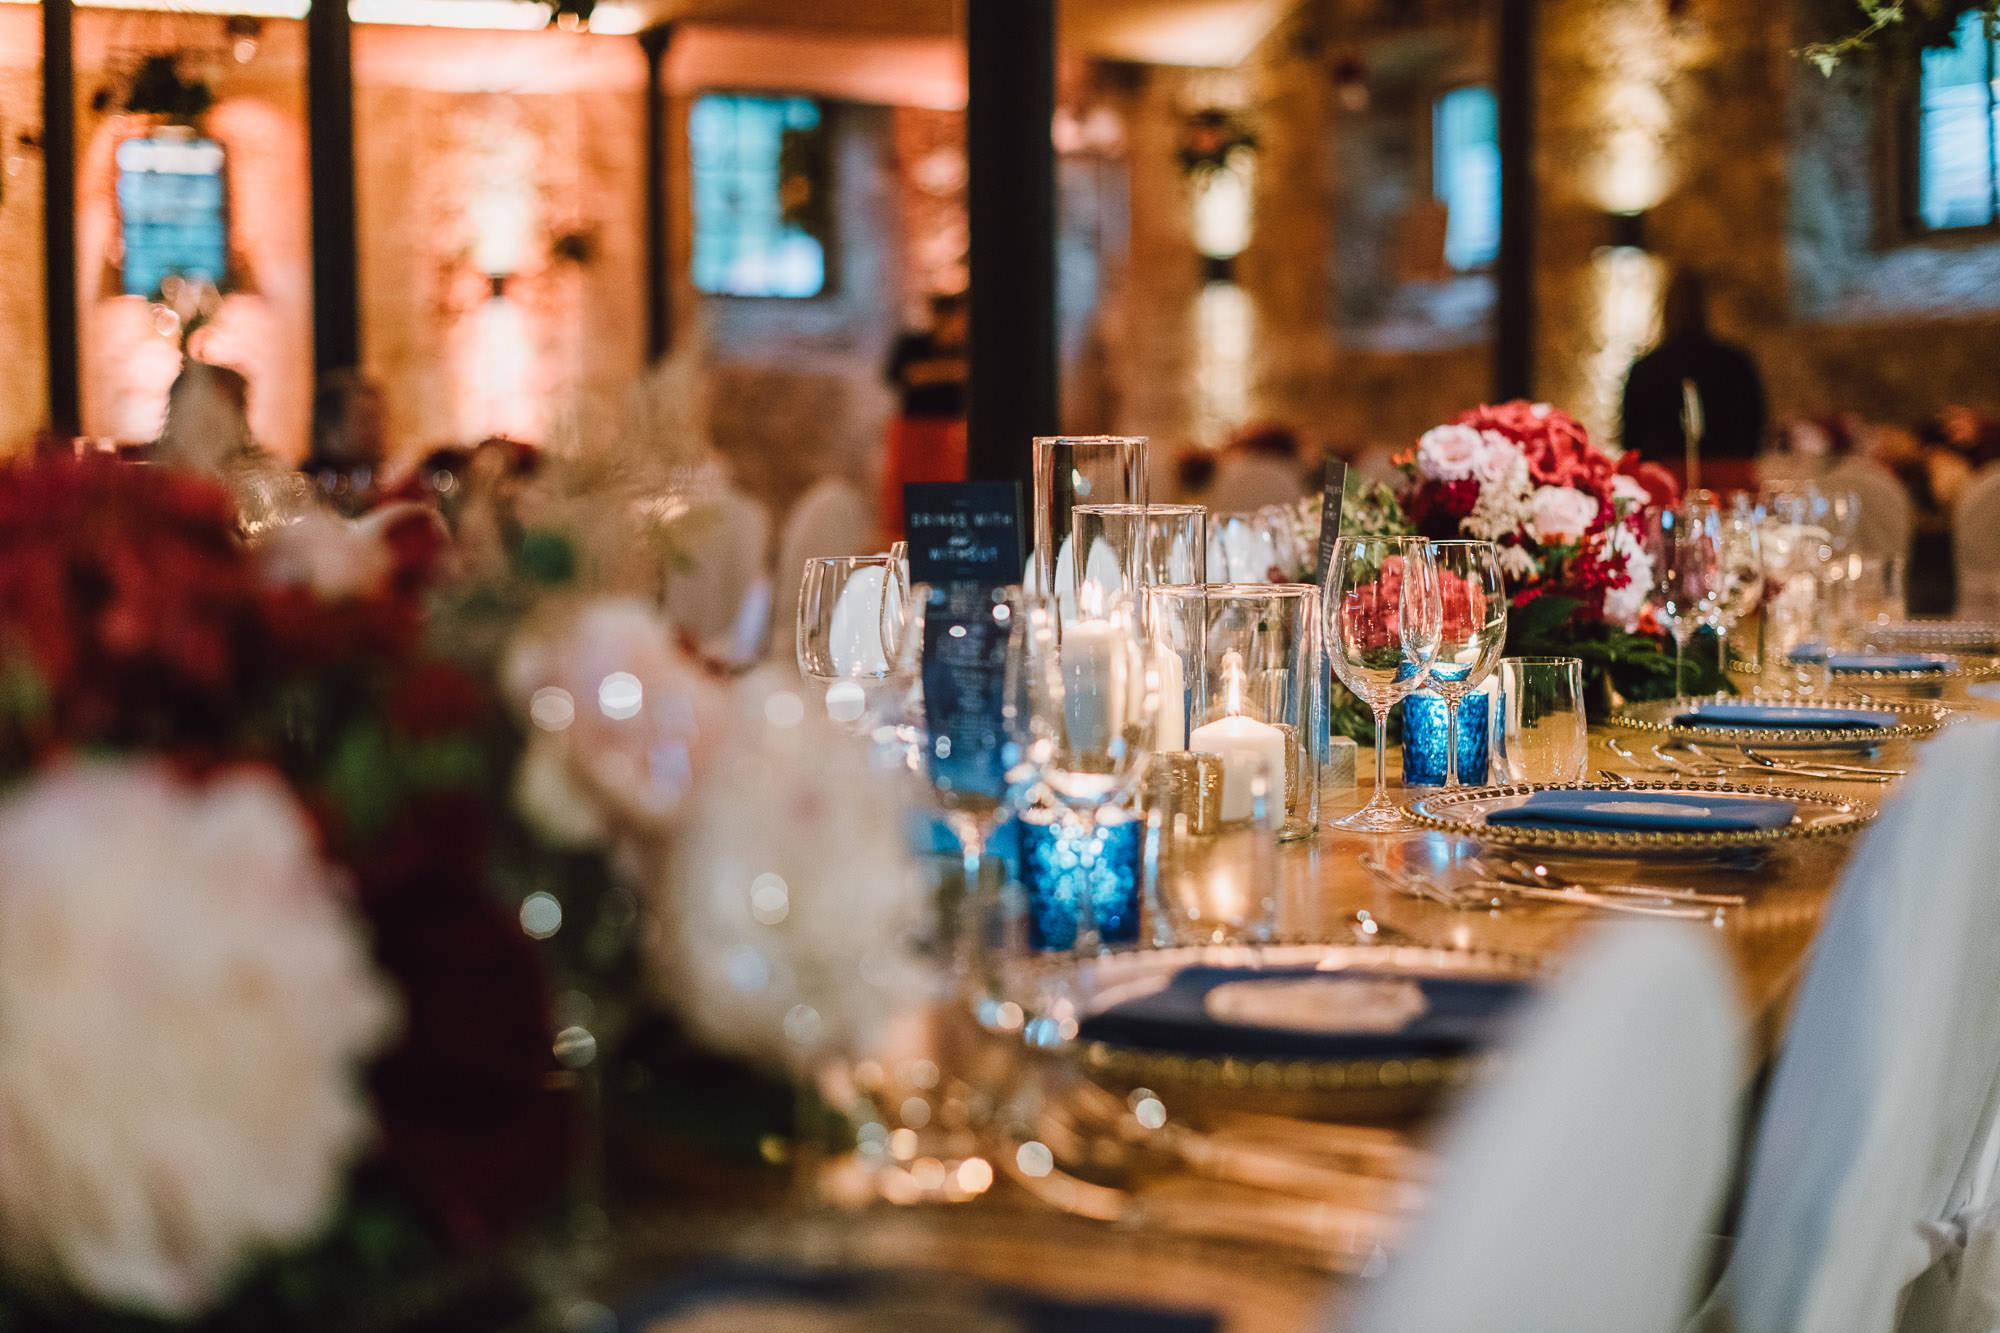 rustic-elegant-wedding-schloss-hochzeit-eyrichshof-franken-bamberg-117